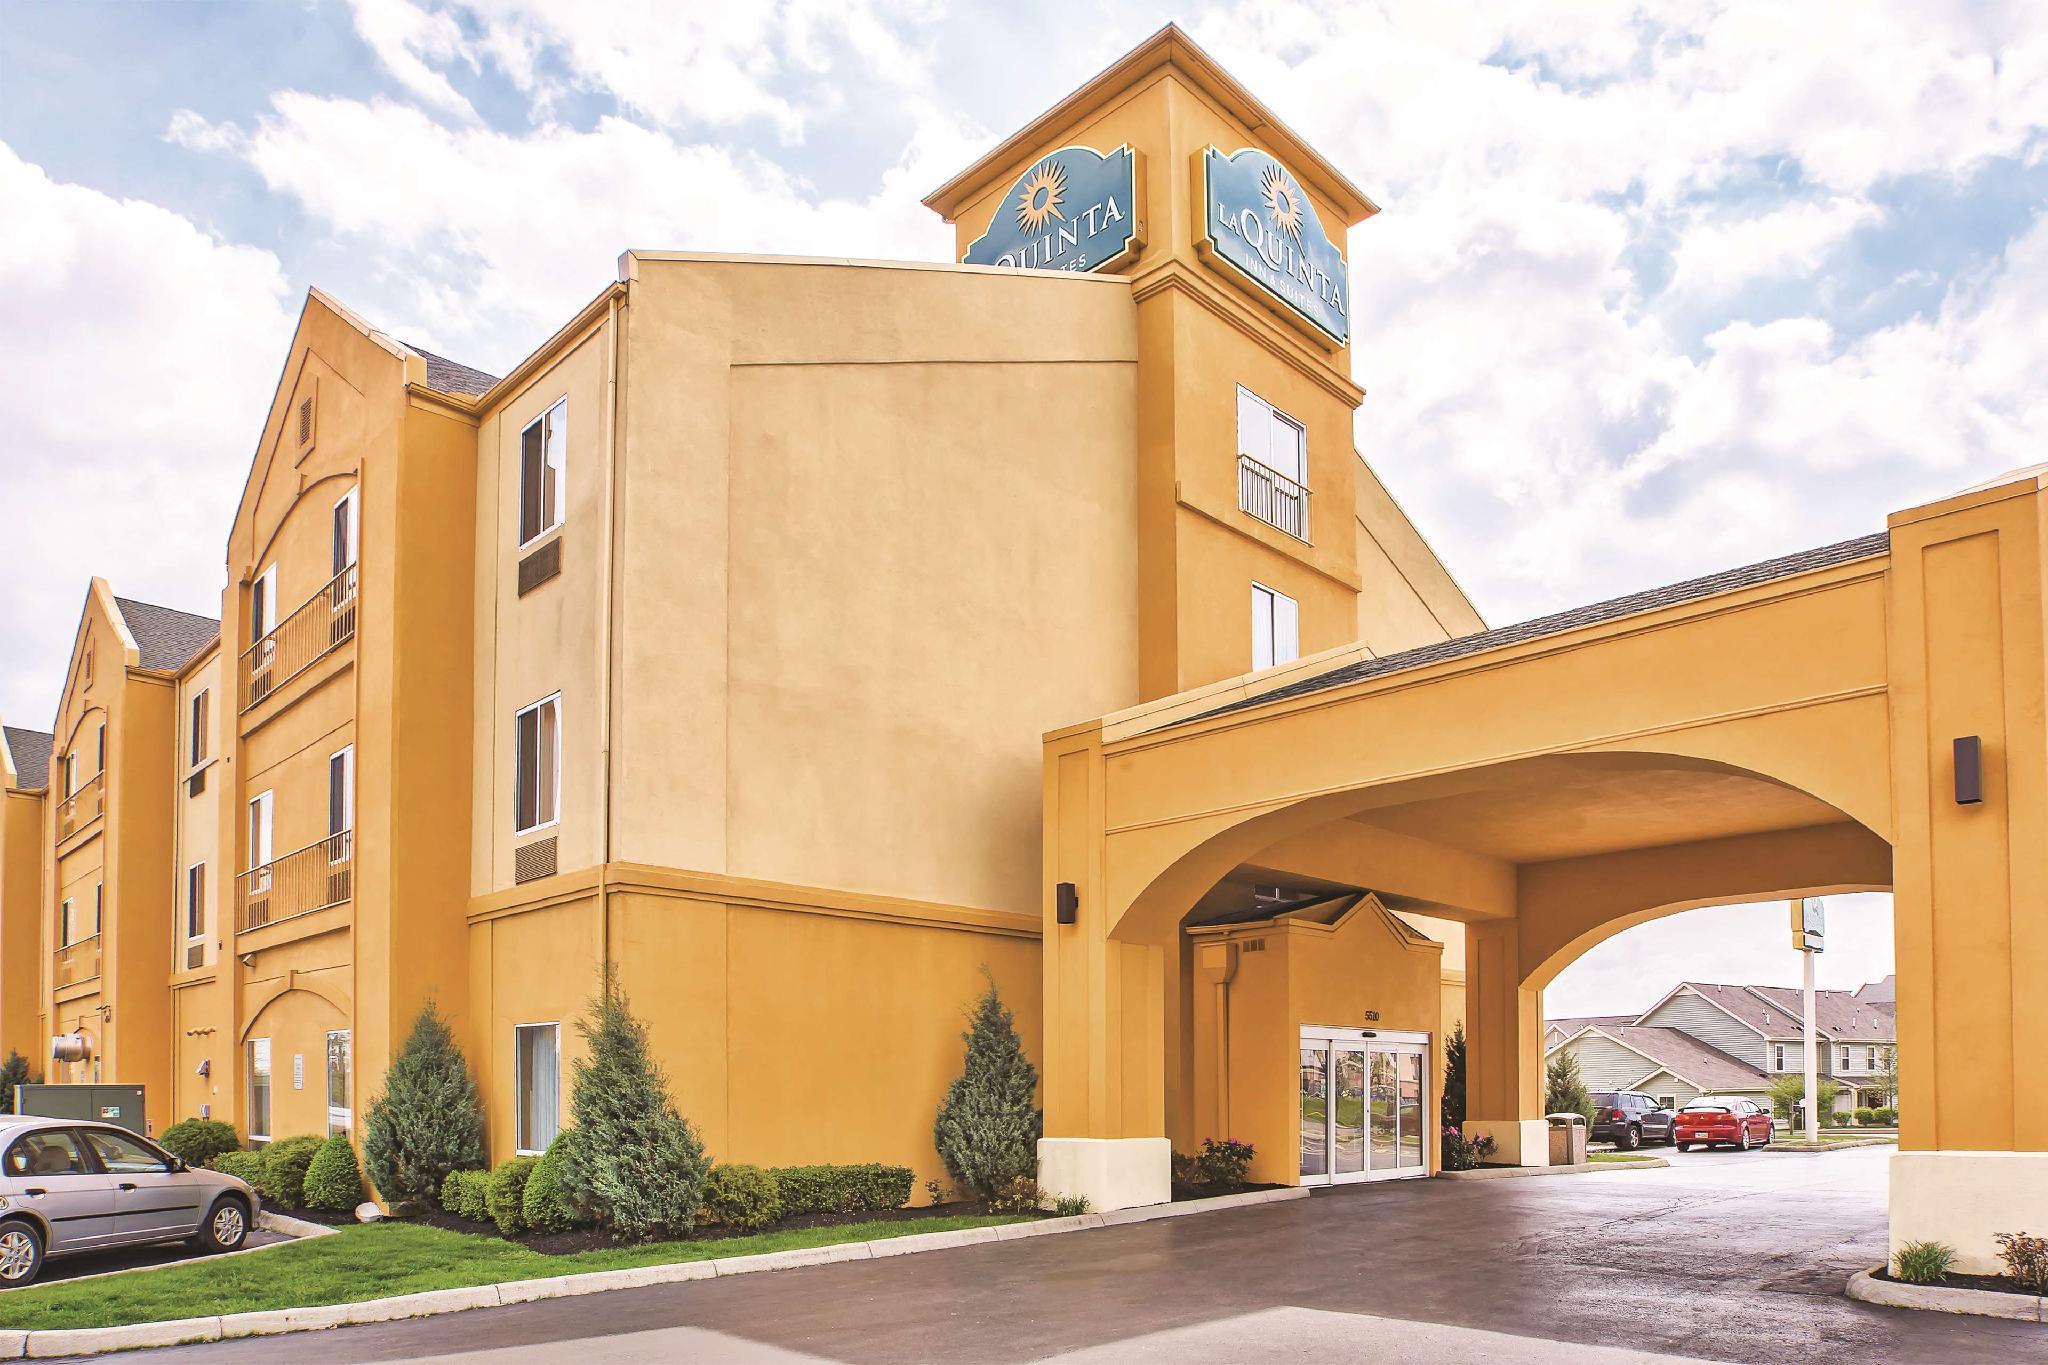 La Quinta Inn & Suites by Wyndham Columbus West - Hilliard